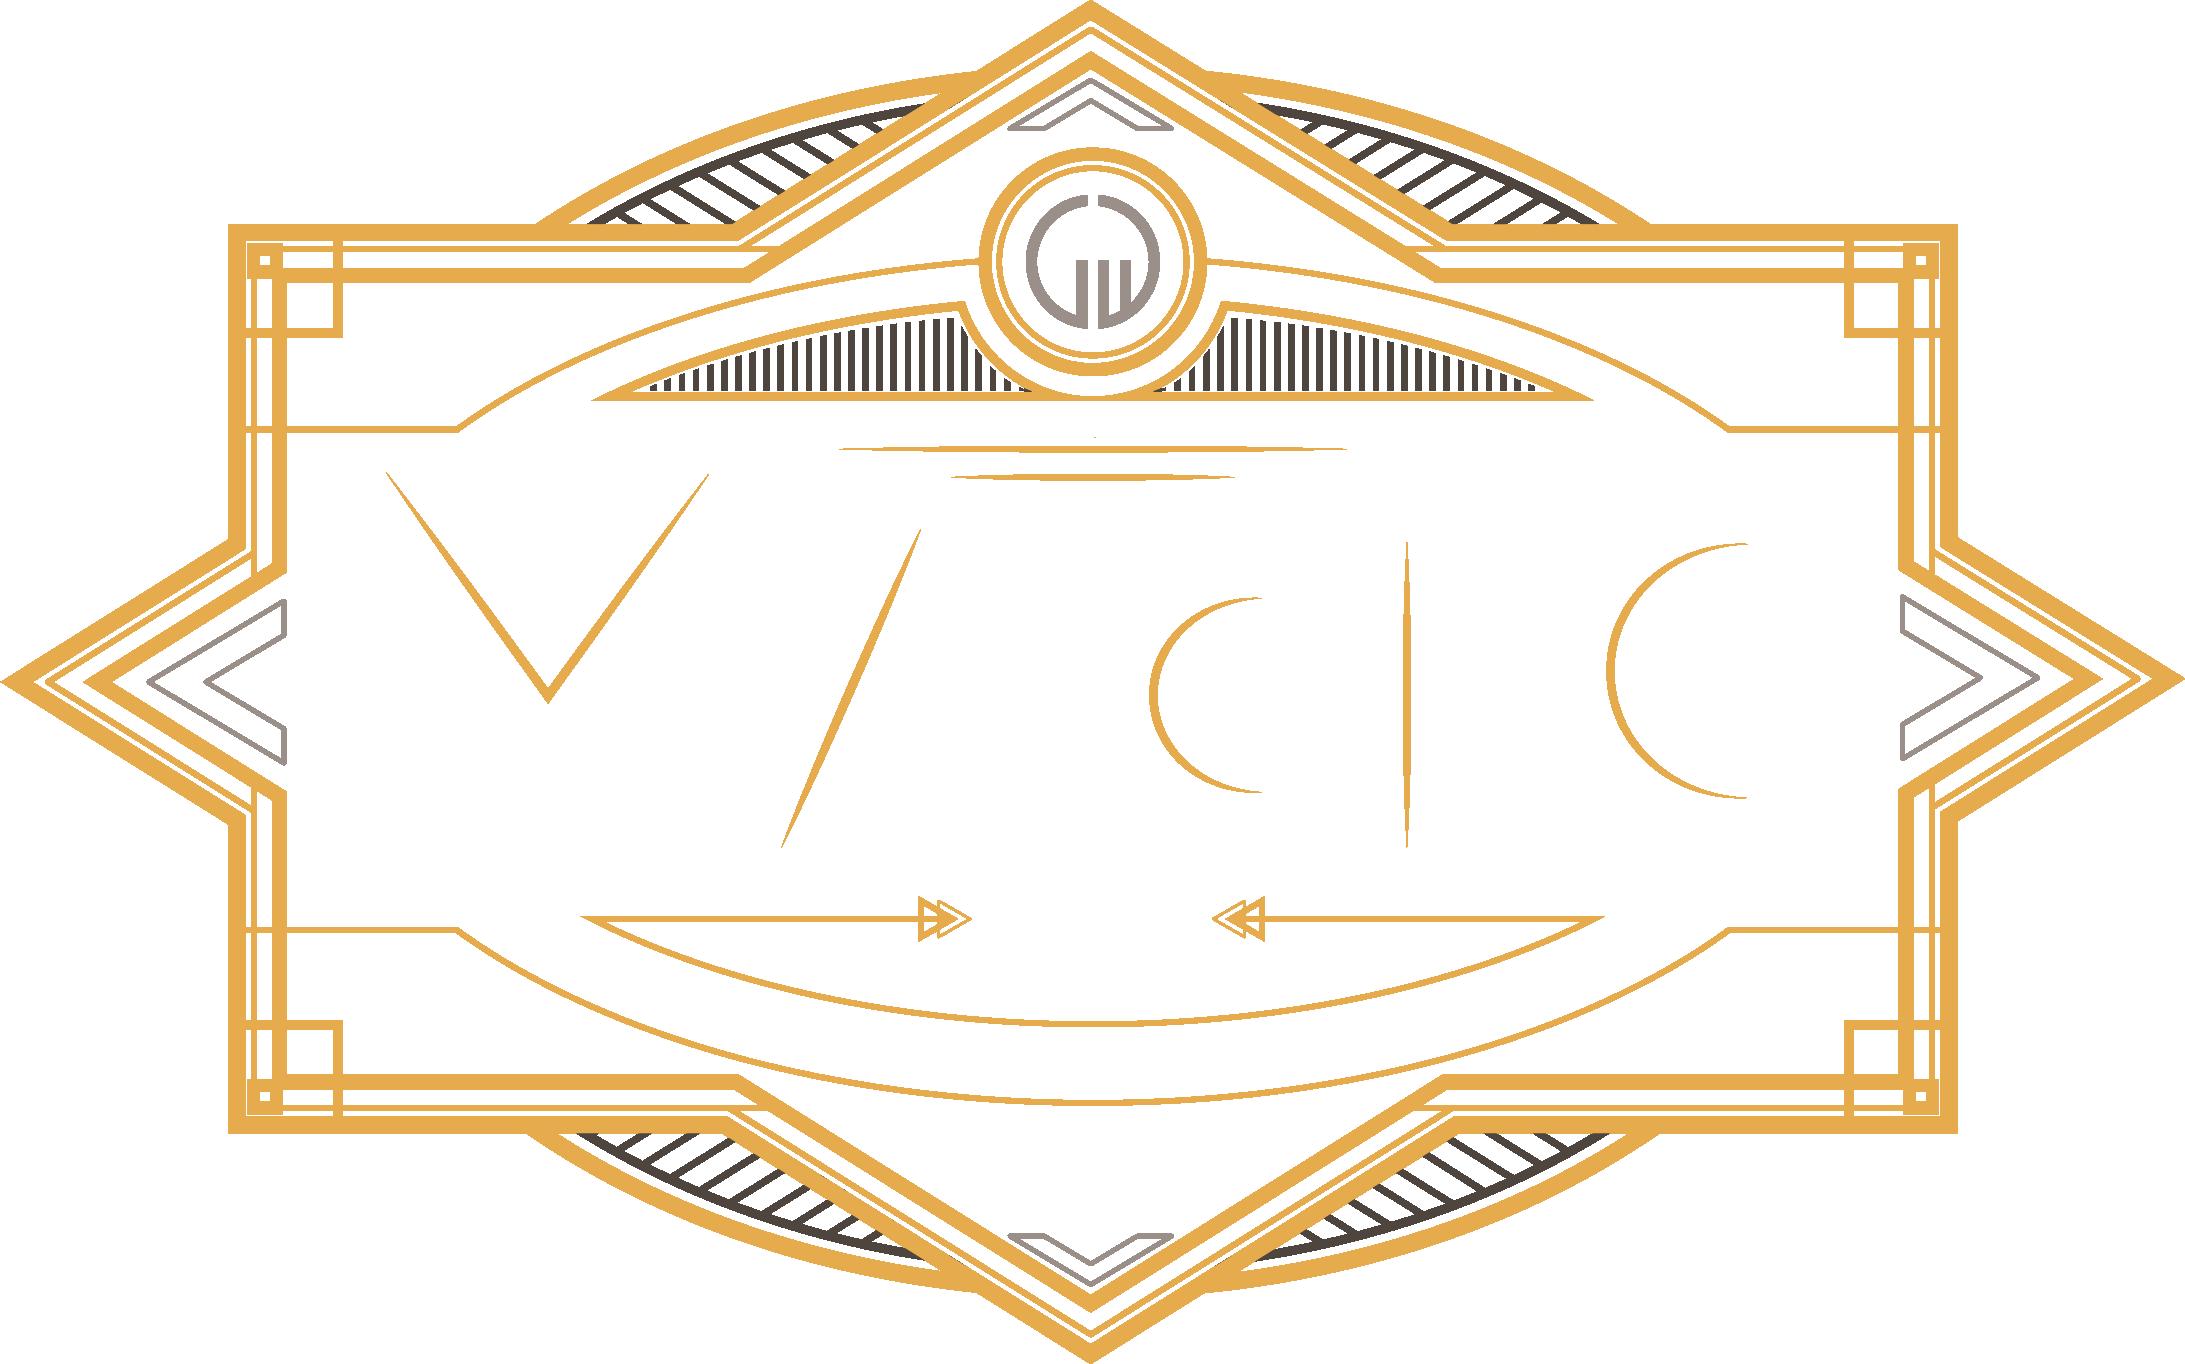 MagicatFlemingsGW.png